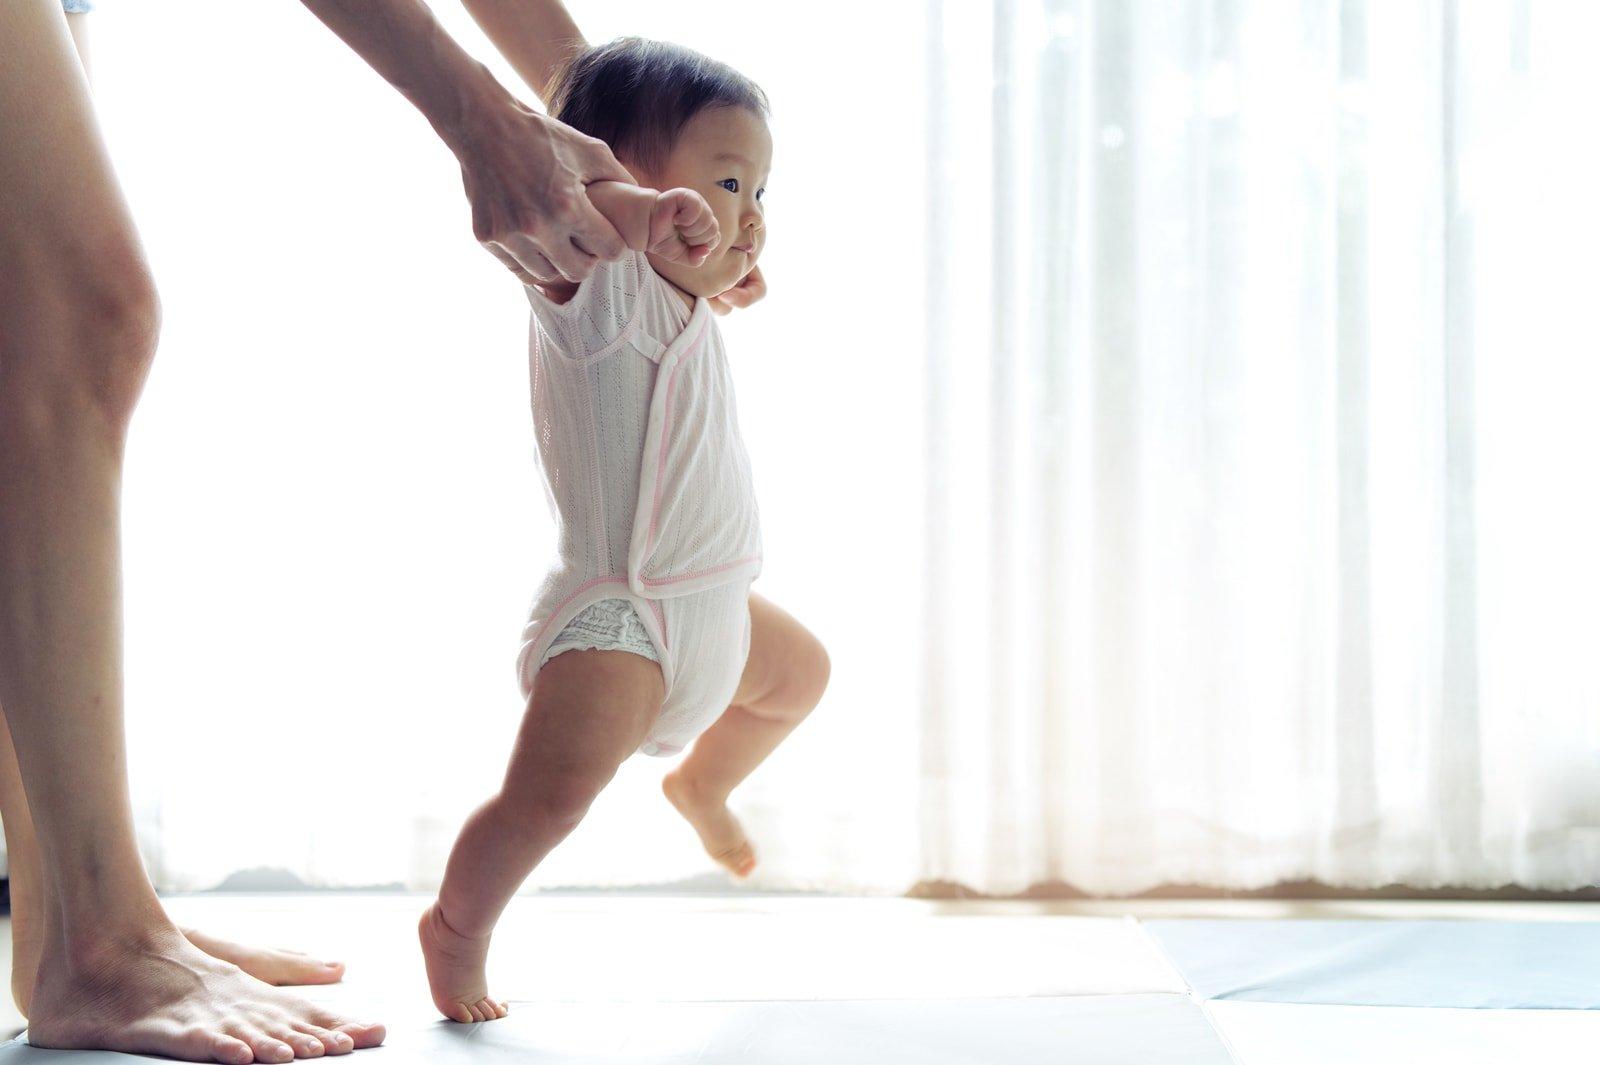 tips-mengajarkan-bayi-berjalan-header-image.jpg